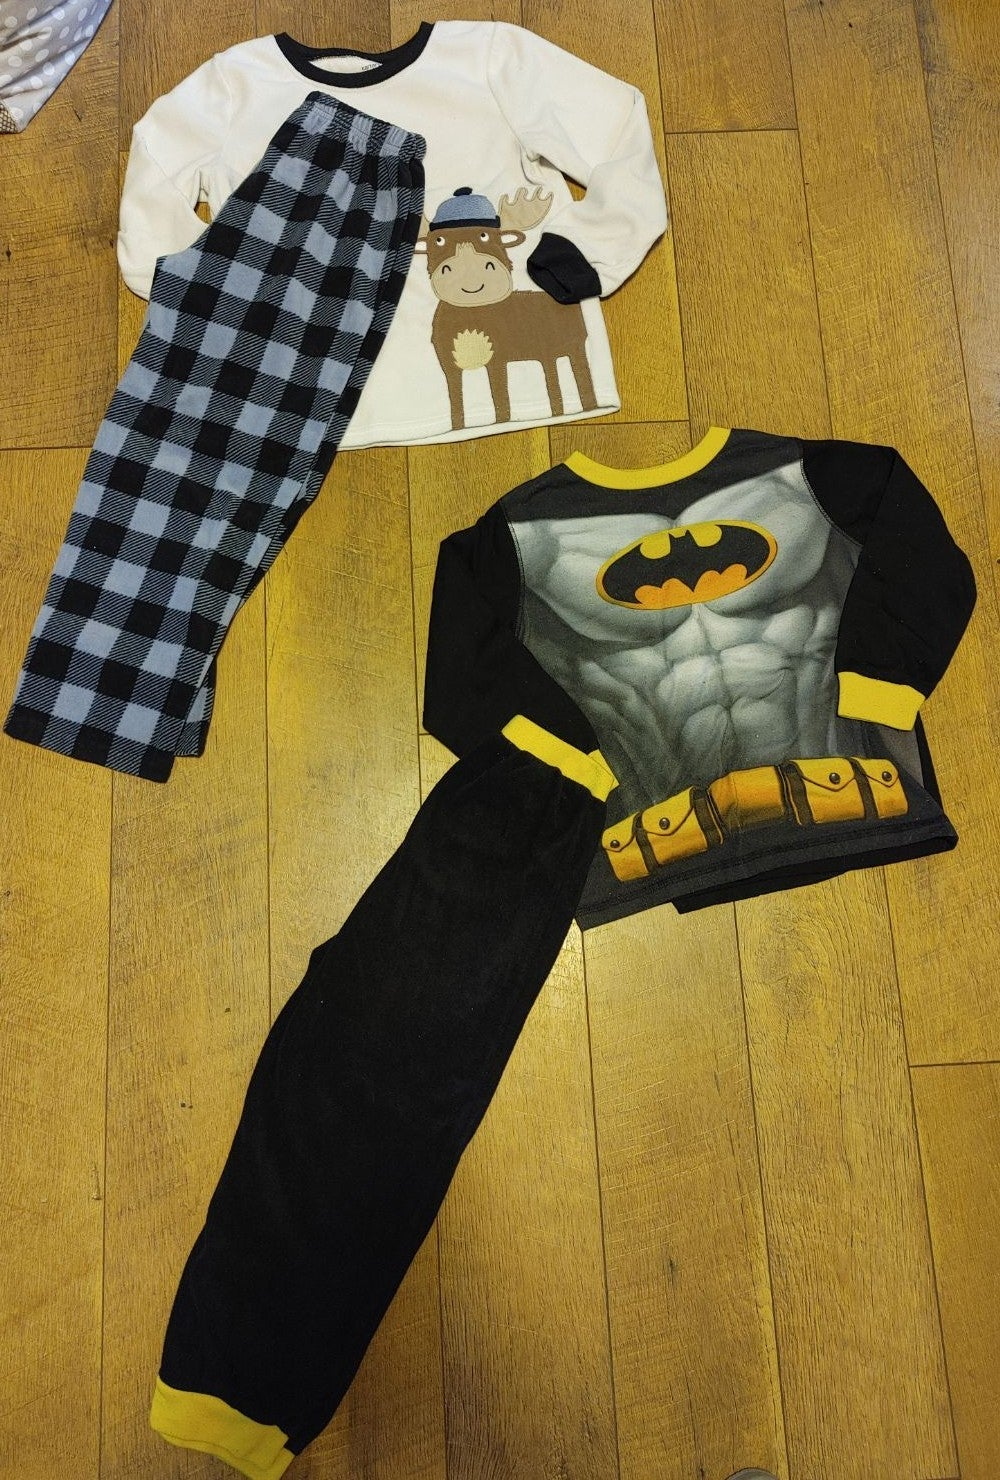 2 pairs of pajamas, size 6